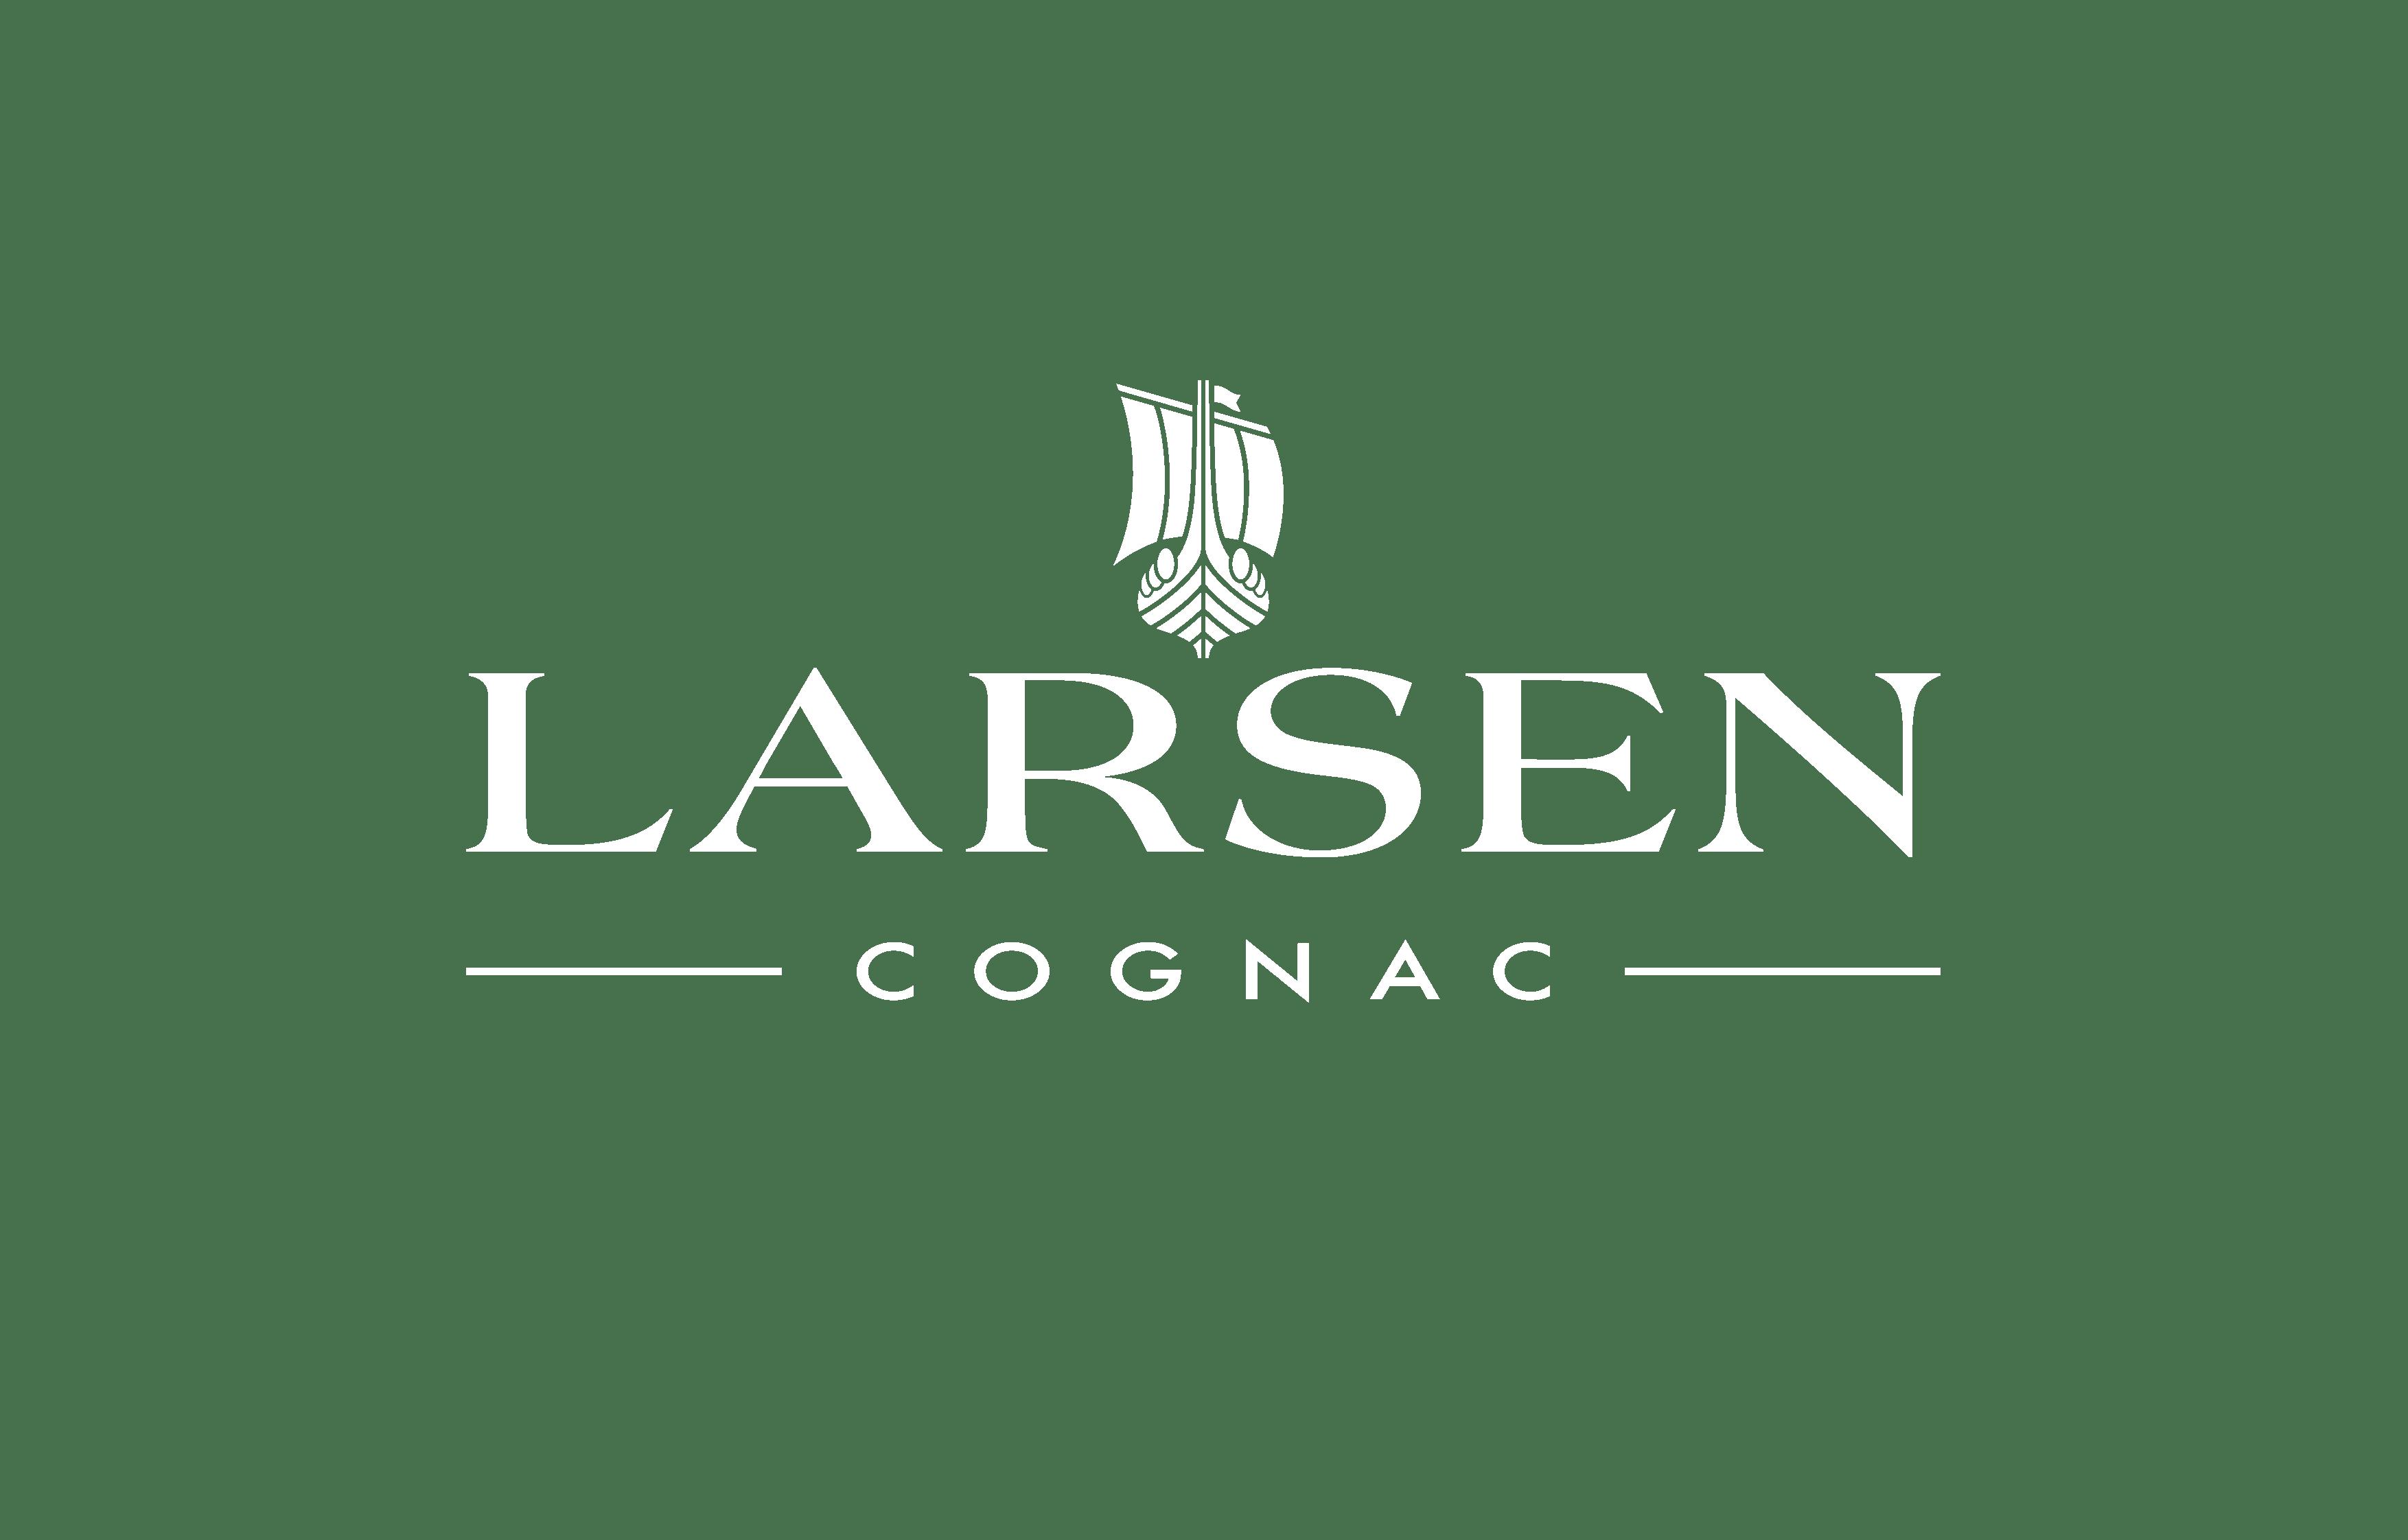 Larsen white logo